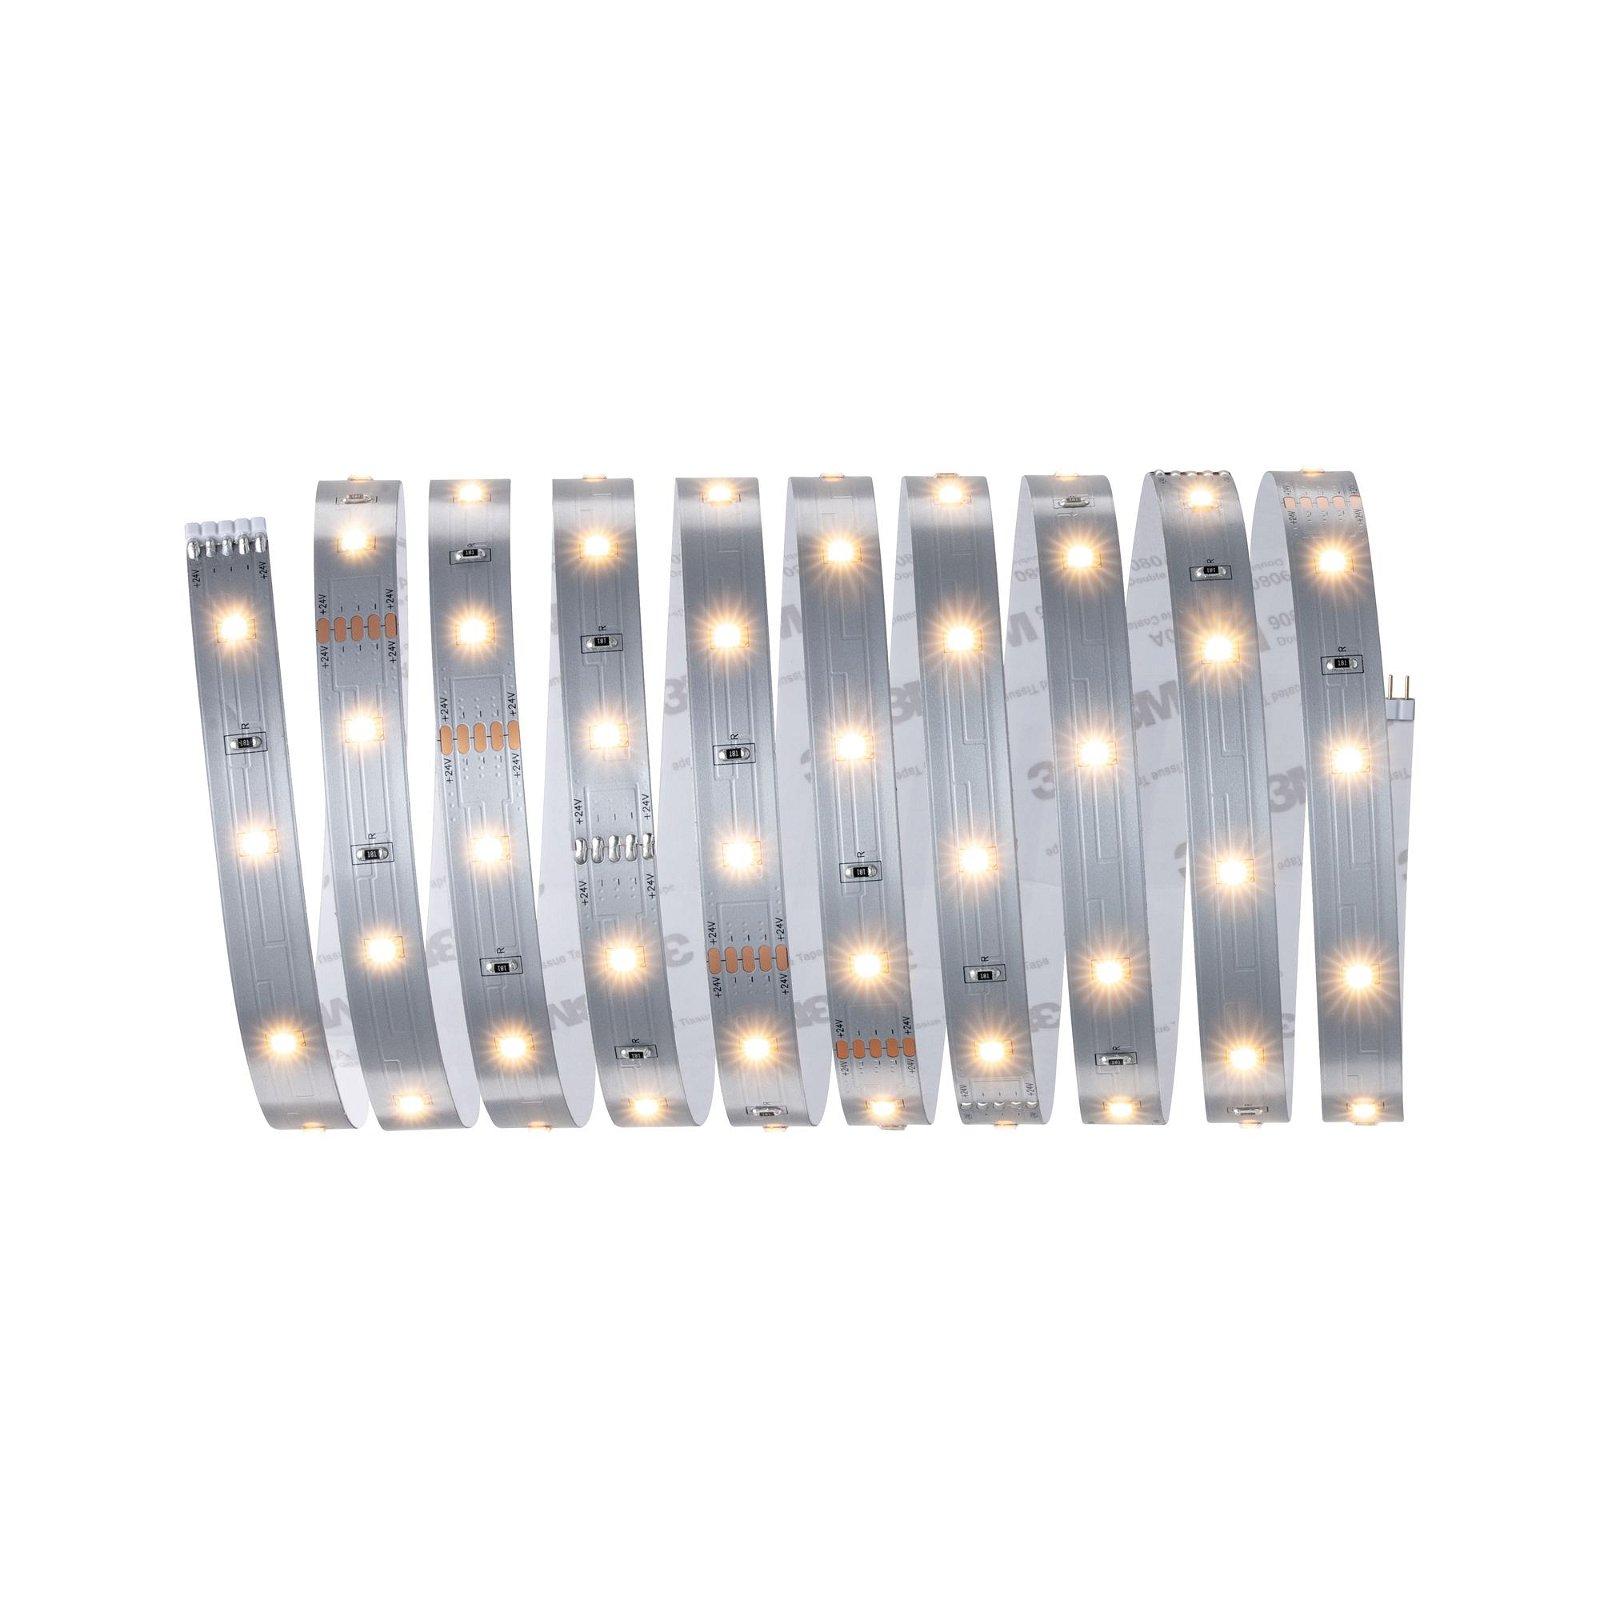 MaxLED 250 LED Strip Warmweiß 3m 12W 900lm 2700K 24VA